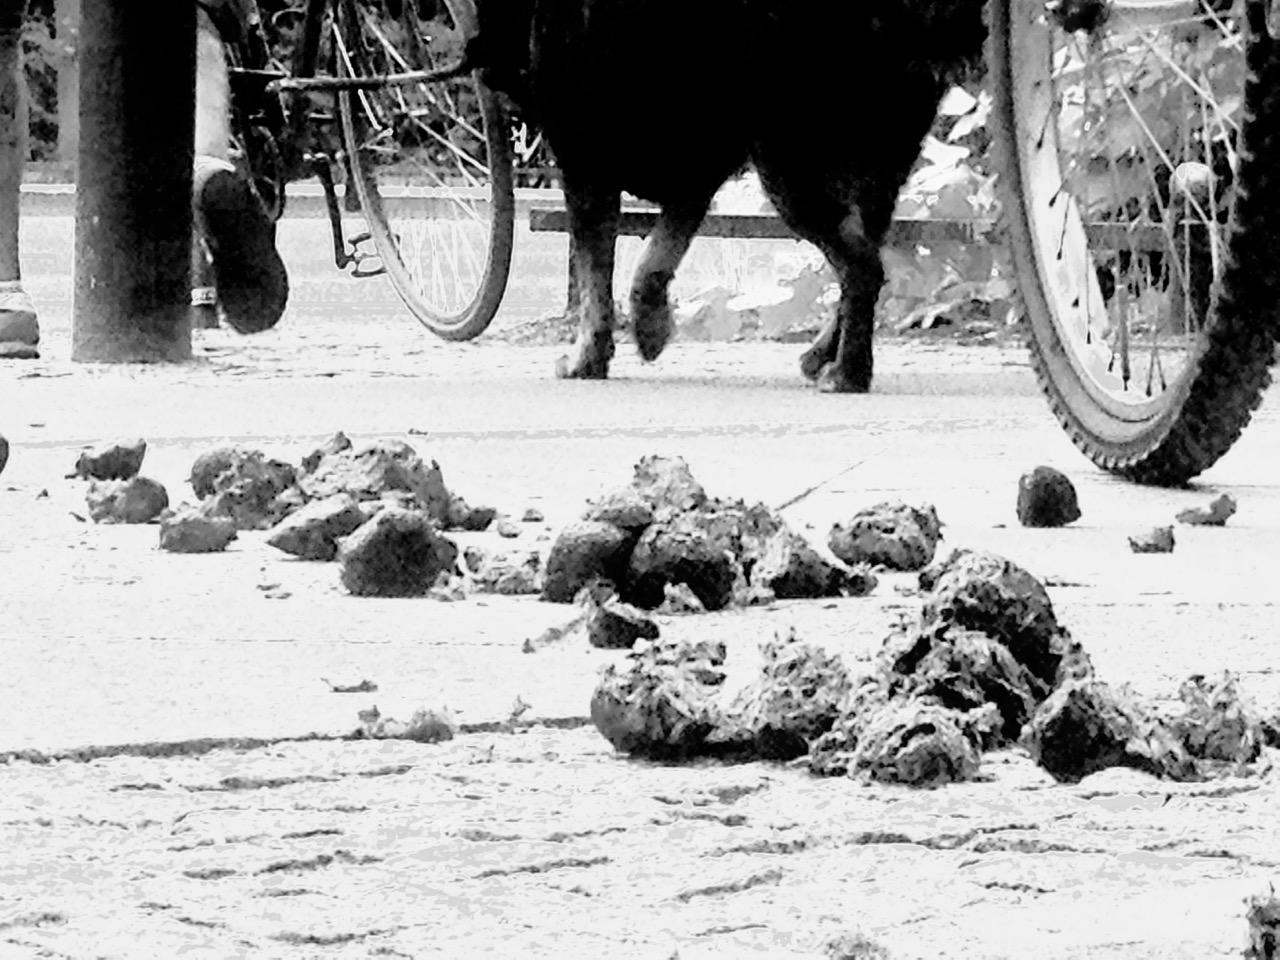 Auf die Meile gekackt, aber der Vierbeiner ist nicht schuld - es waren die Polizeipferde (Foto: André Franke)